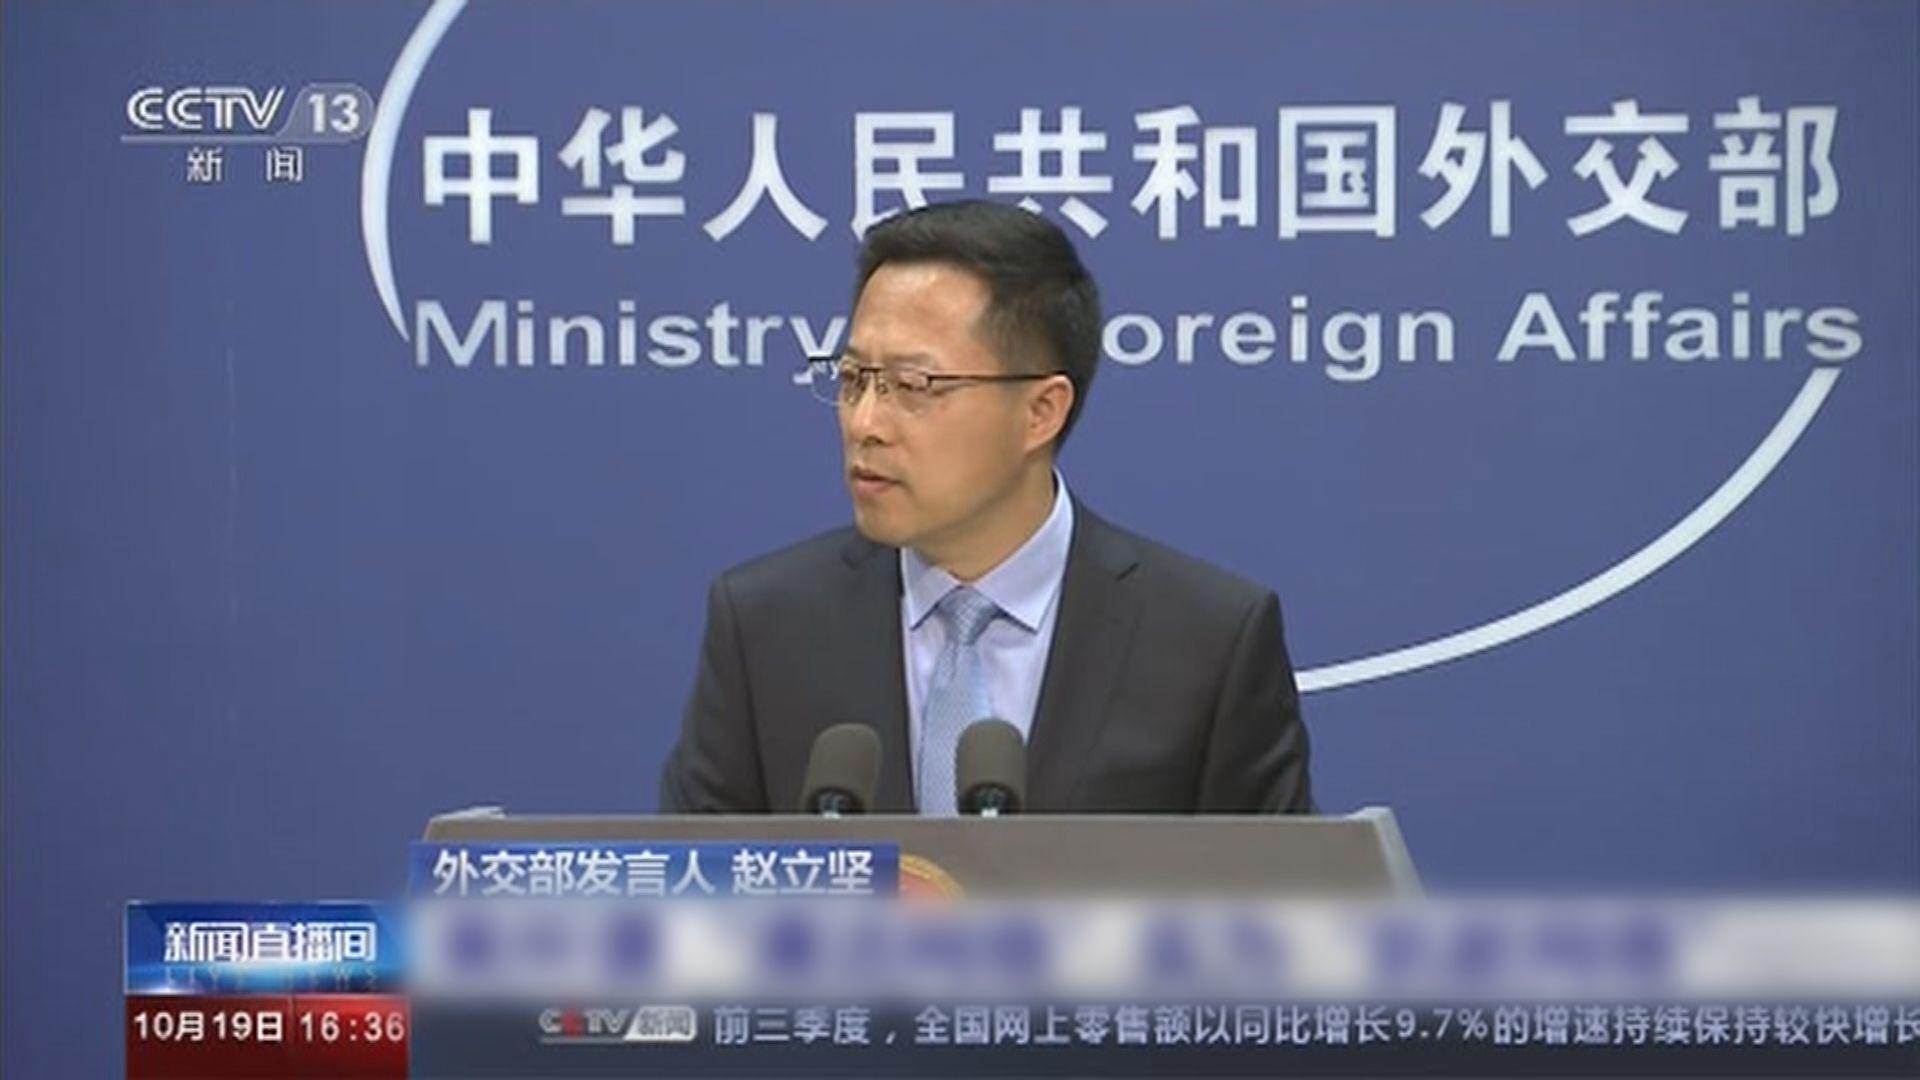 中國否認會任意扣留外國公民 斥美顛倒是非